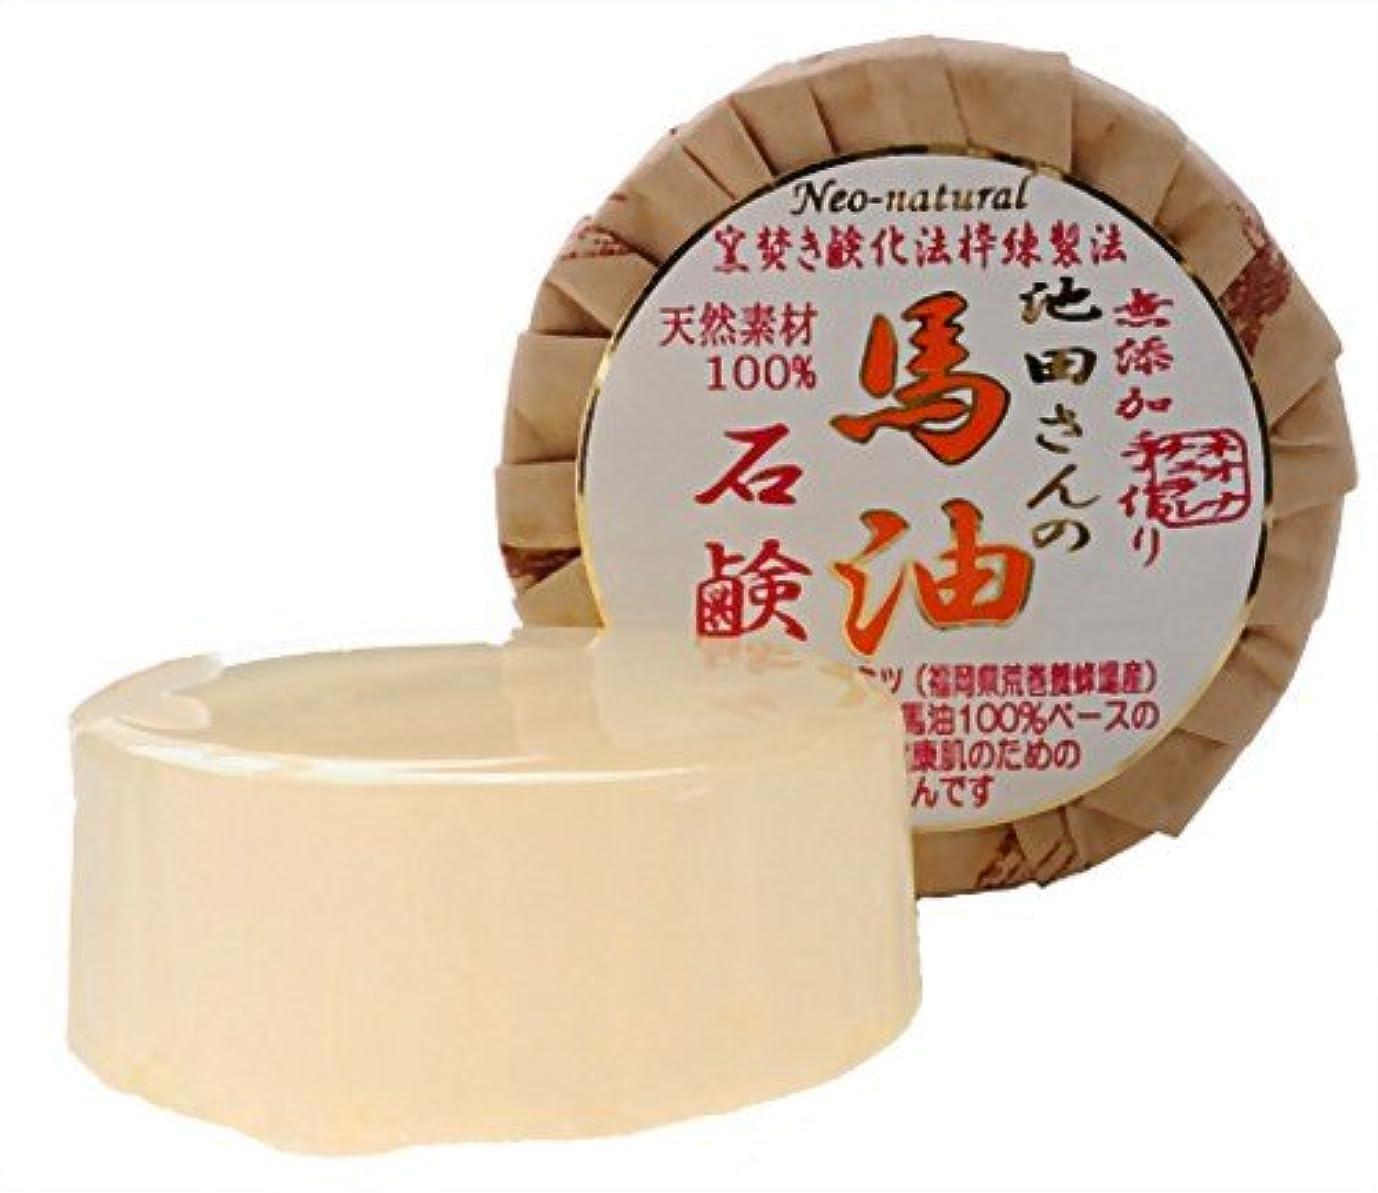 絵ベテラン保護ネオナチュラル 池田さんの馬油石鹸 105g